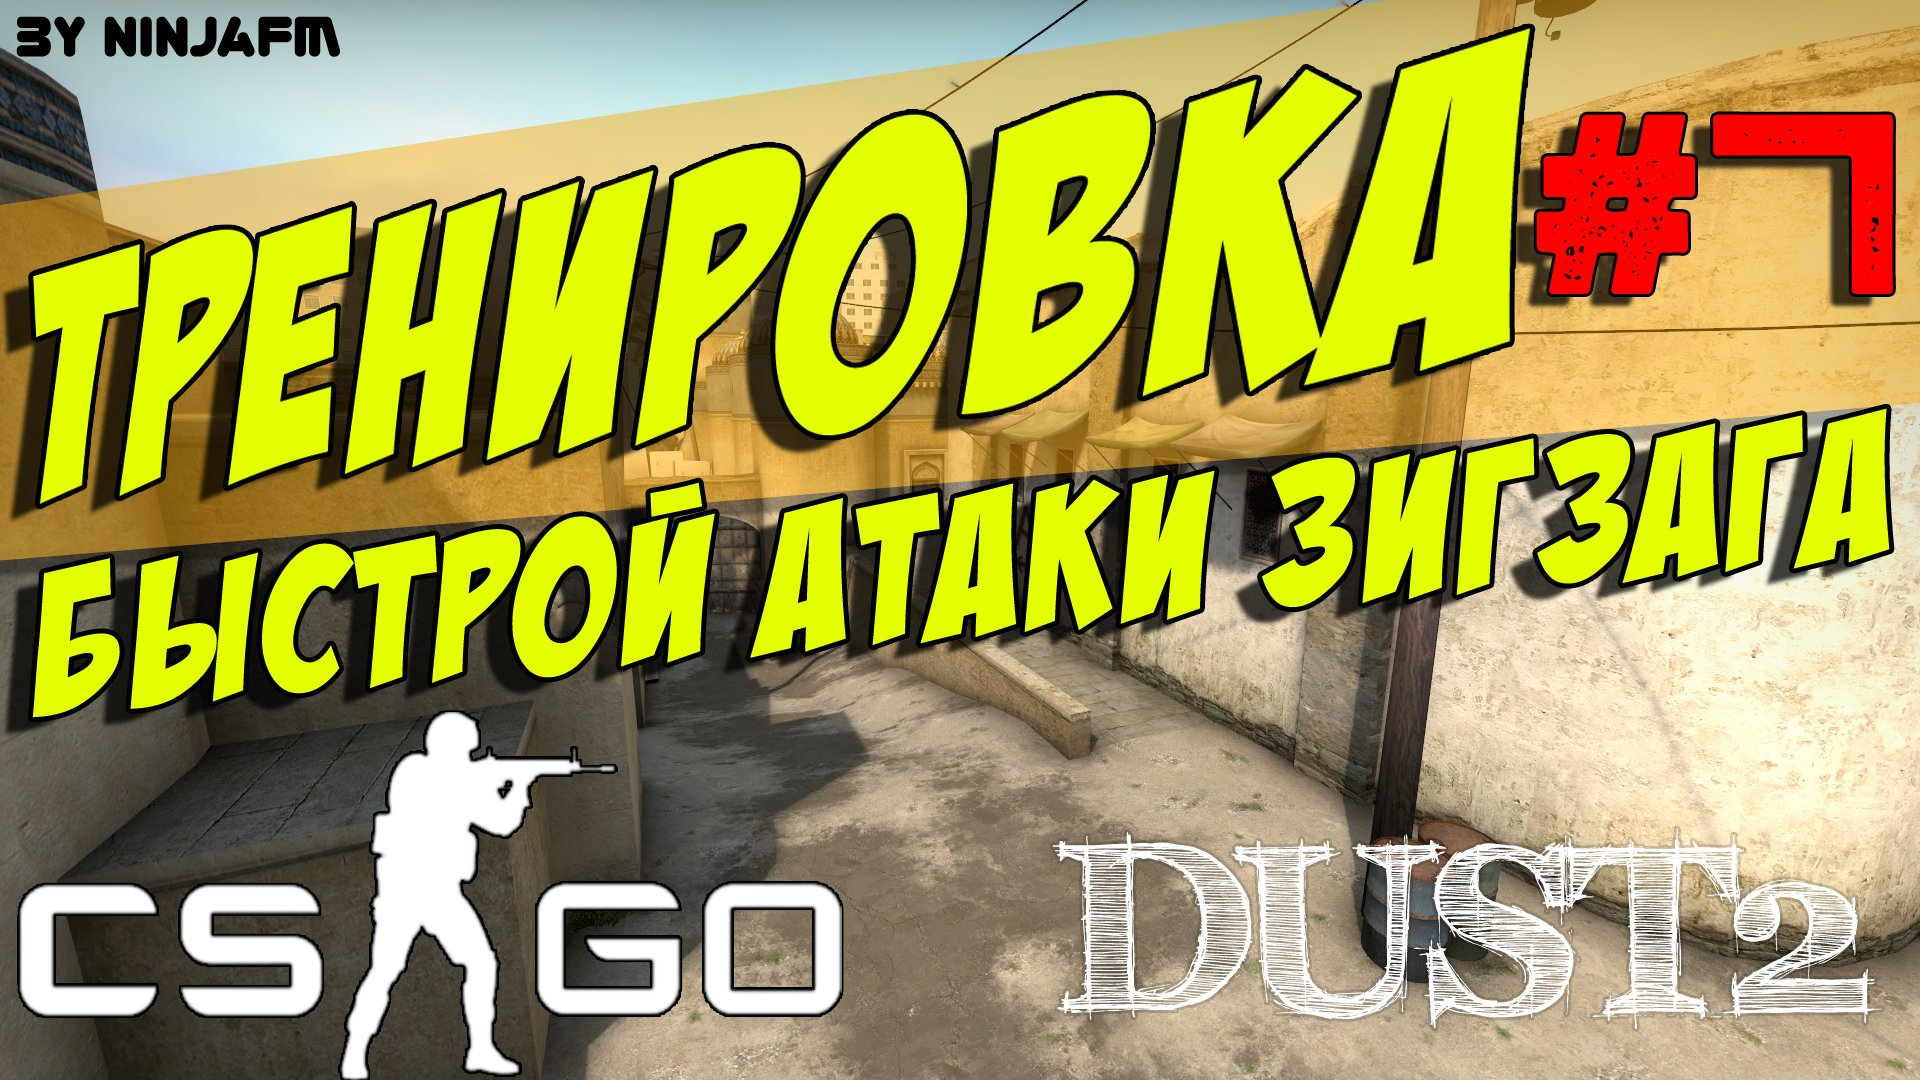 Тактики CS GO #7 - Тренировка атаки зигзага в соло Dust2 (T)  - Изображение 1